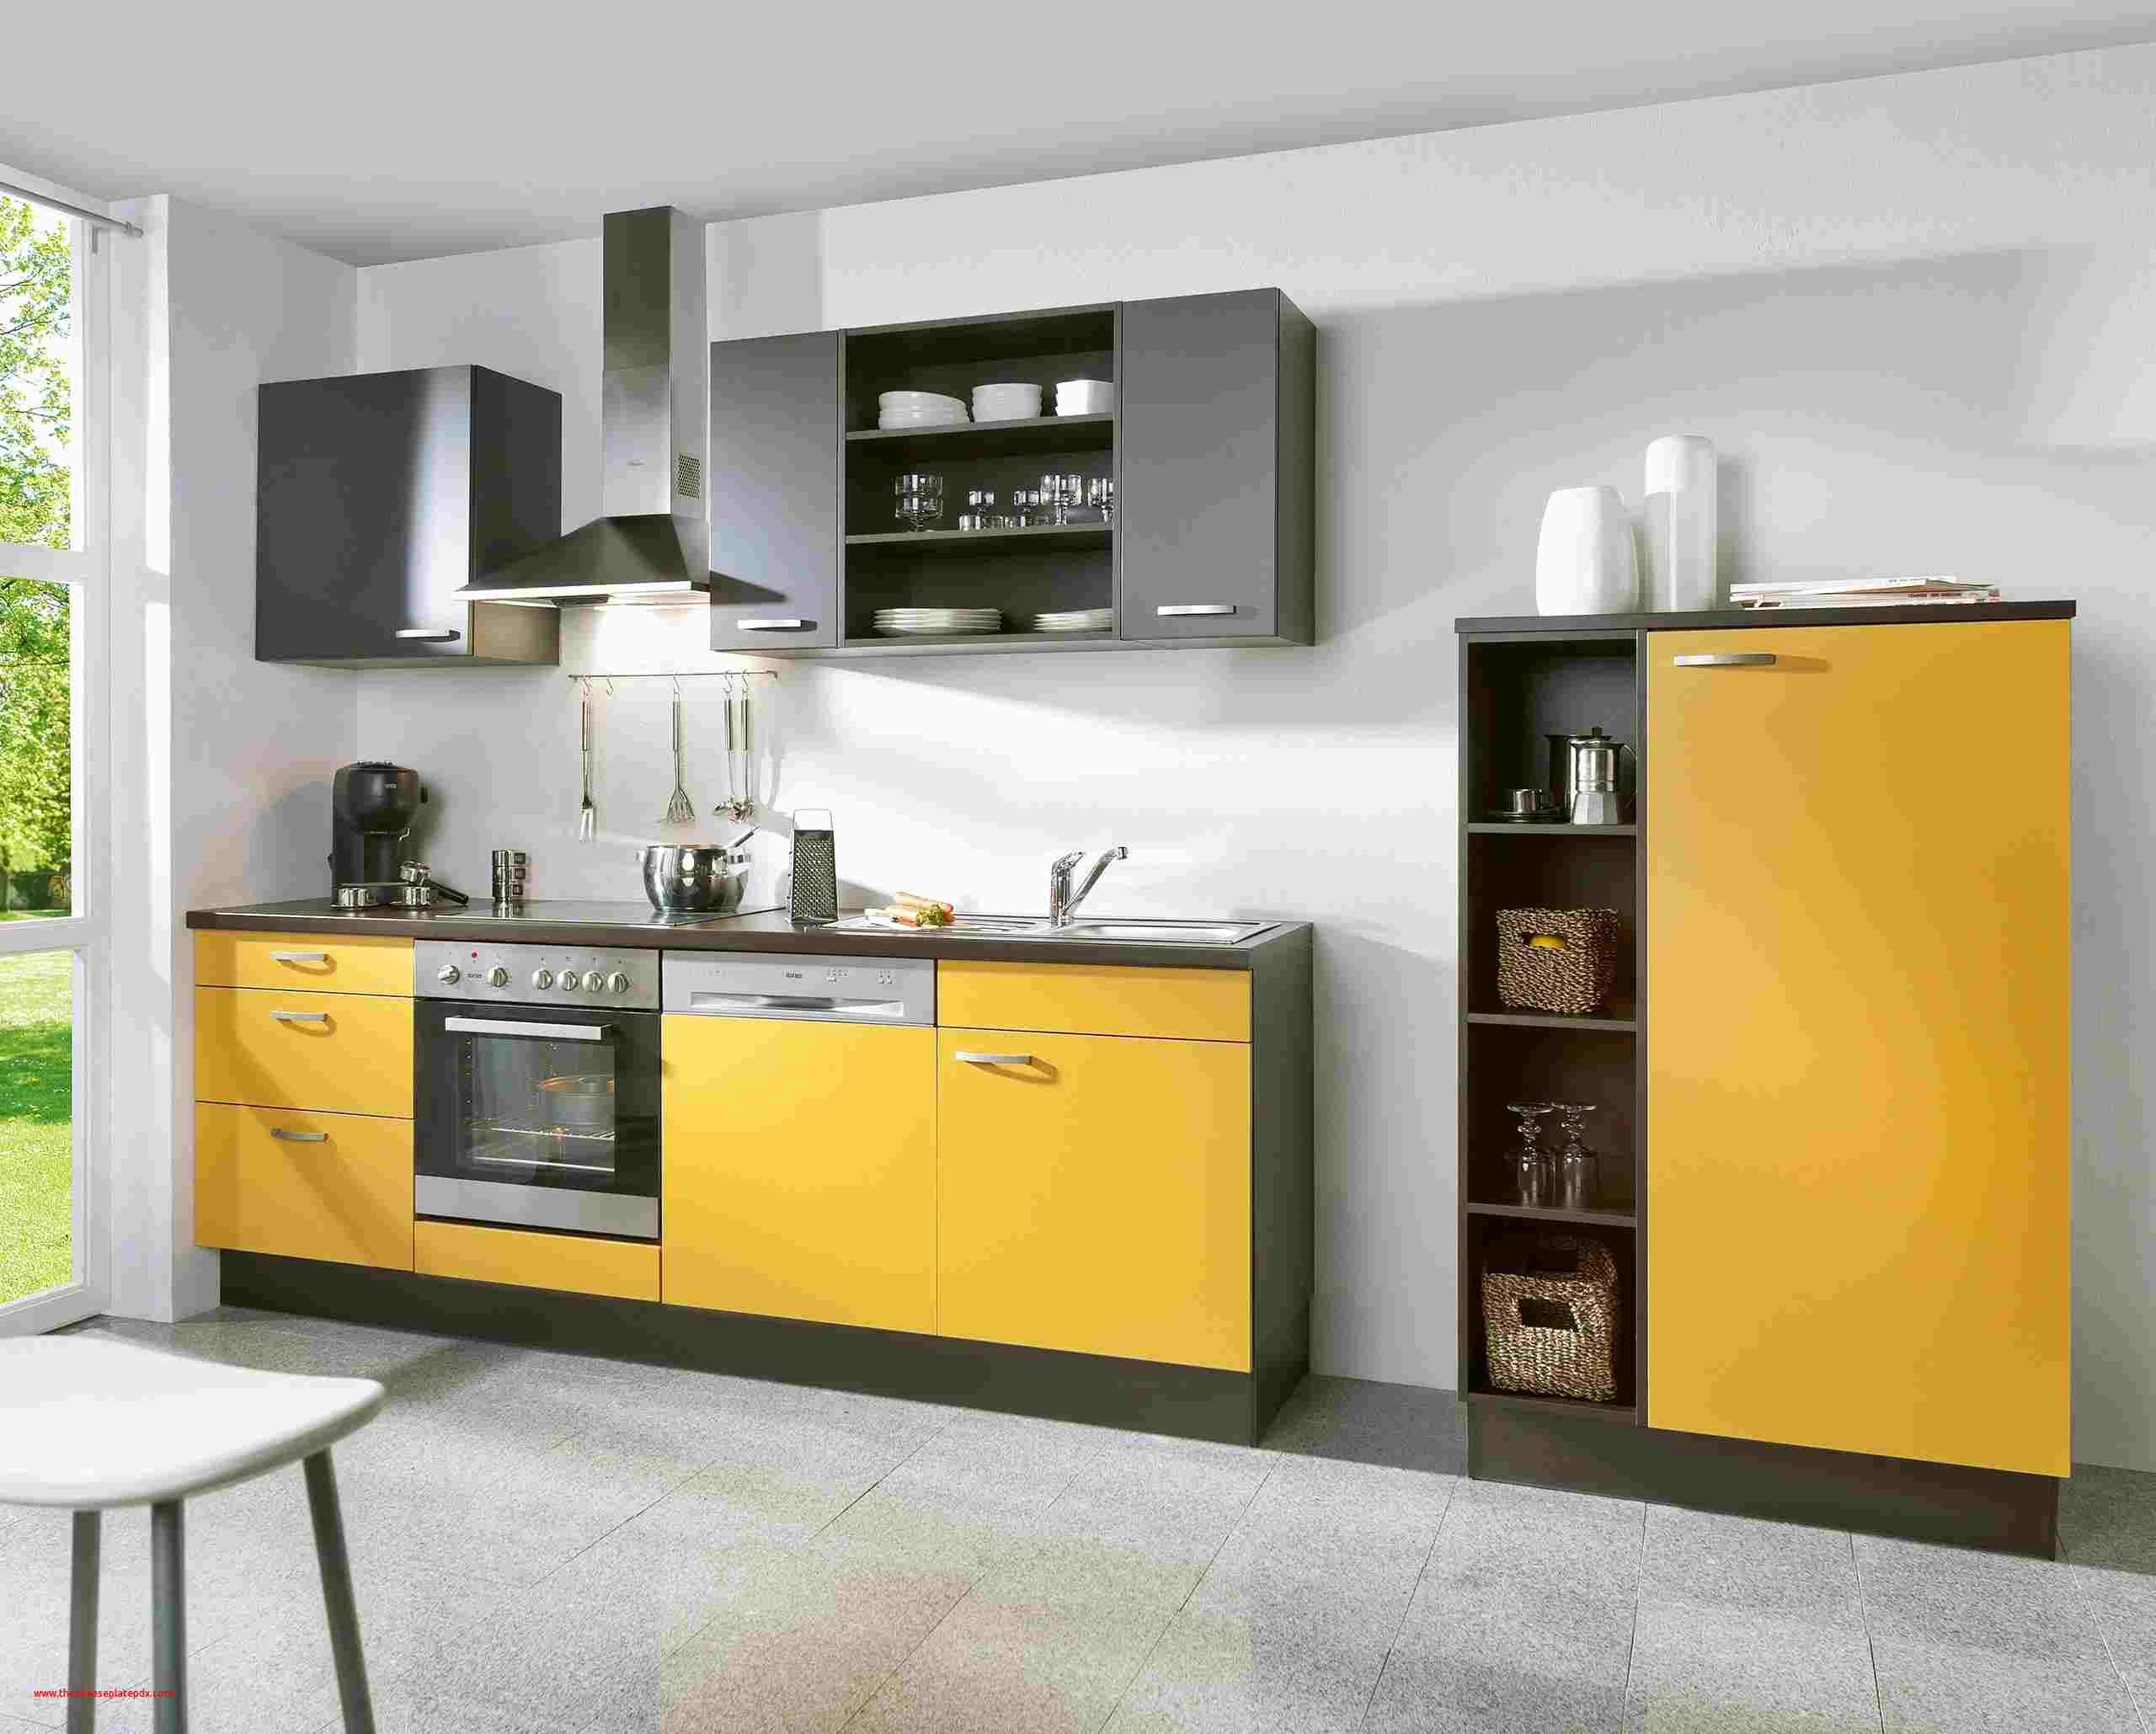 Full Size of Eckunterschrank Kche Roller Kchen L Form Haus Design Küchen Regal Regale Wohnzimmer Küchen Roller